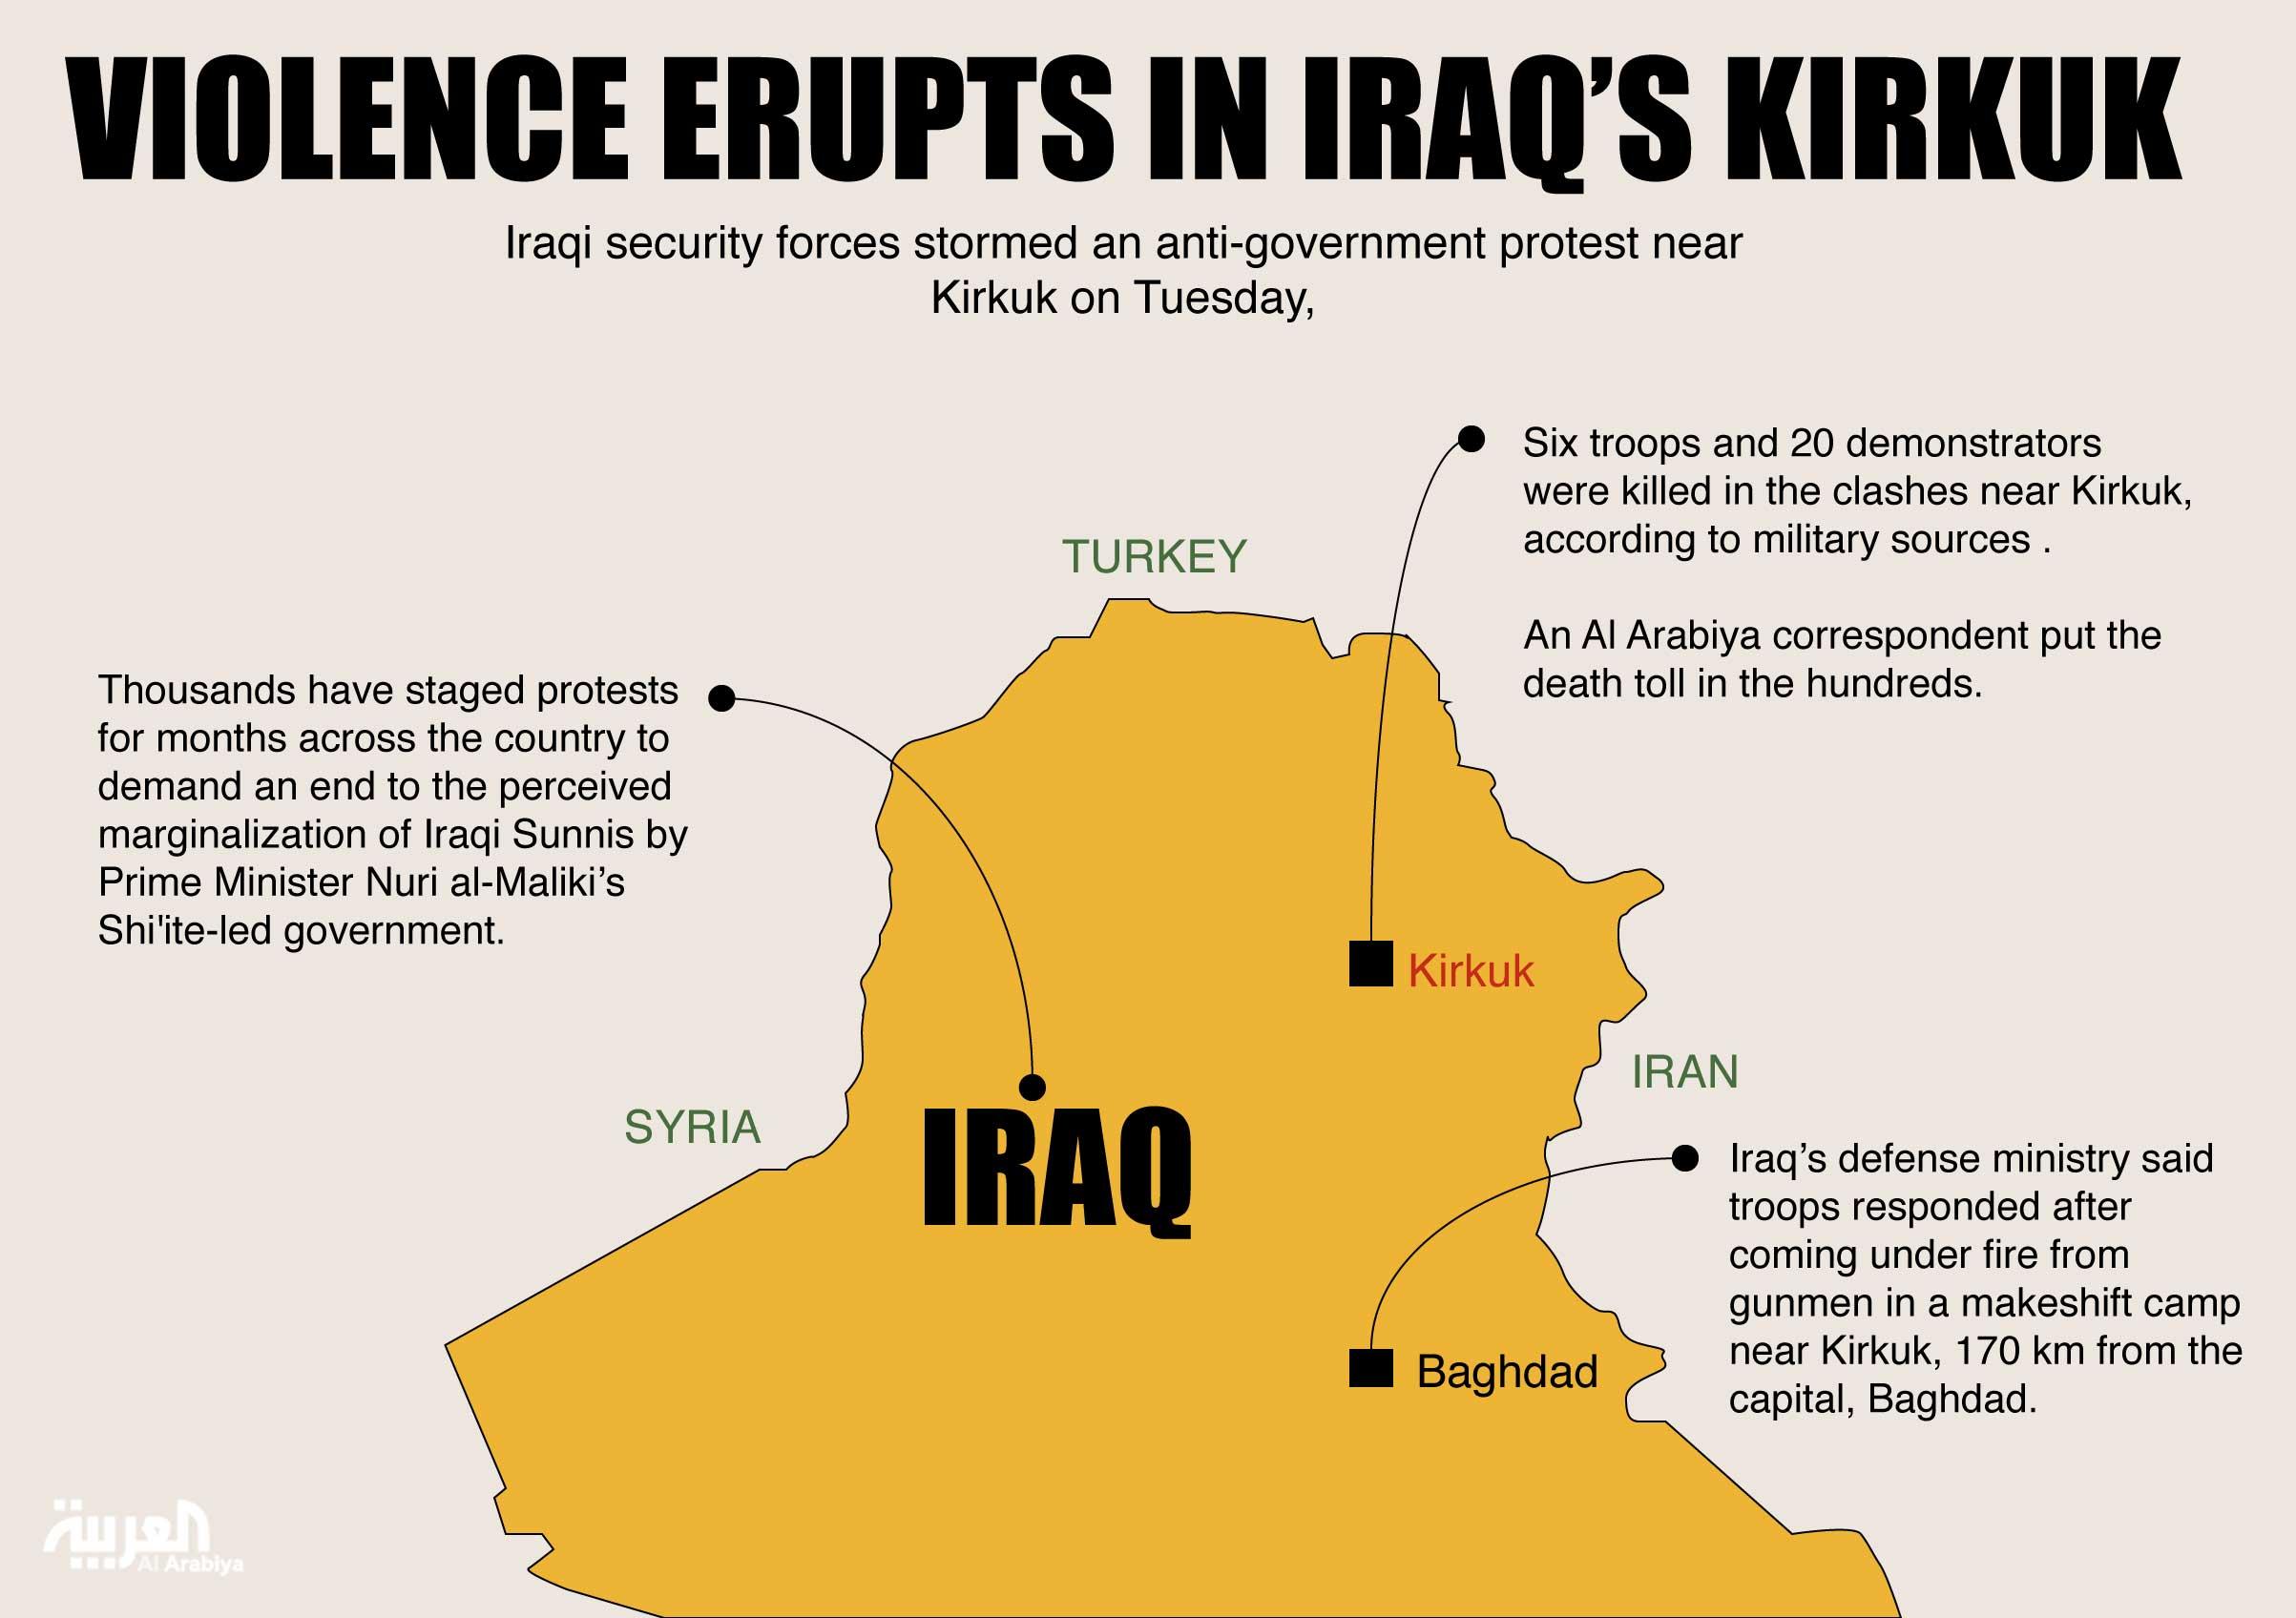 Info graphic: Violence erupts in Iraq's Kirkuk (Design by Farwa Rizwan / Al Arabiya English)